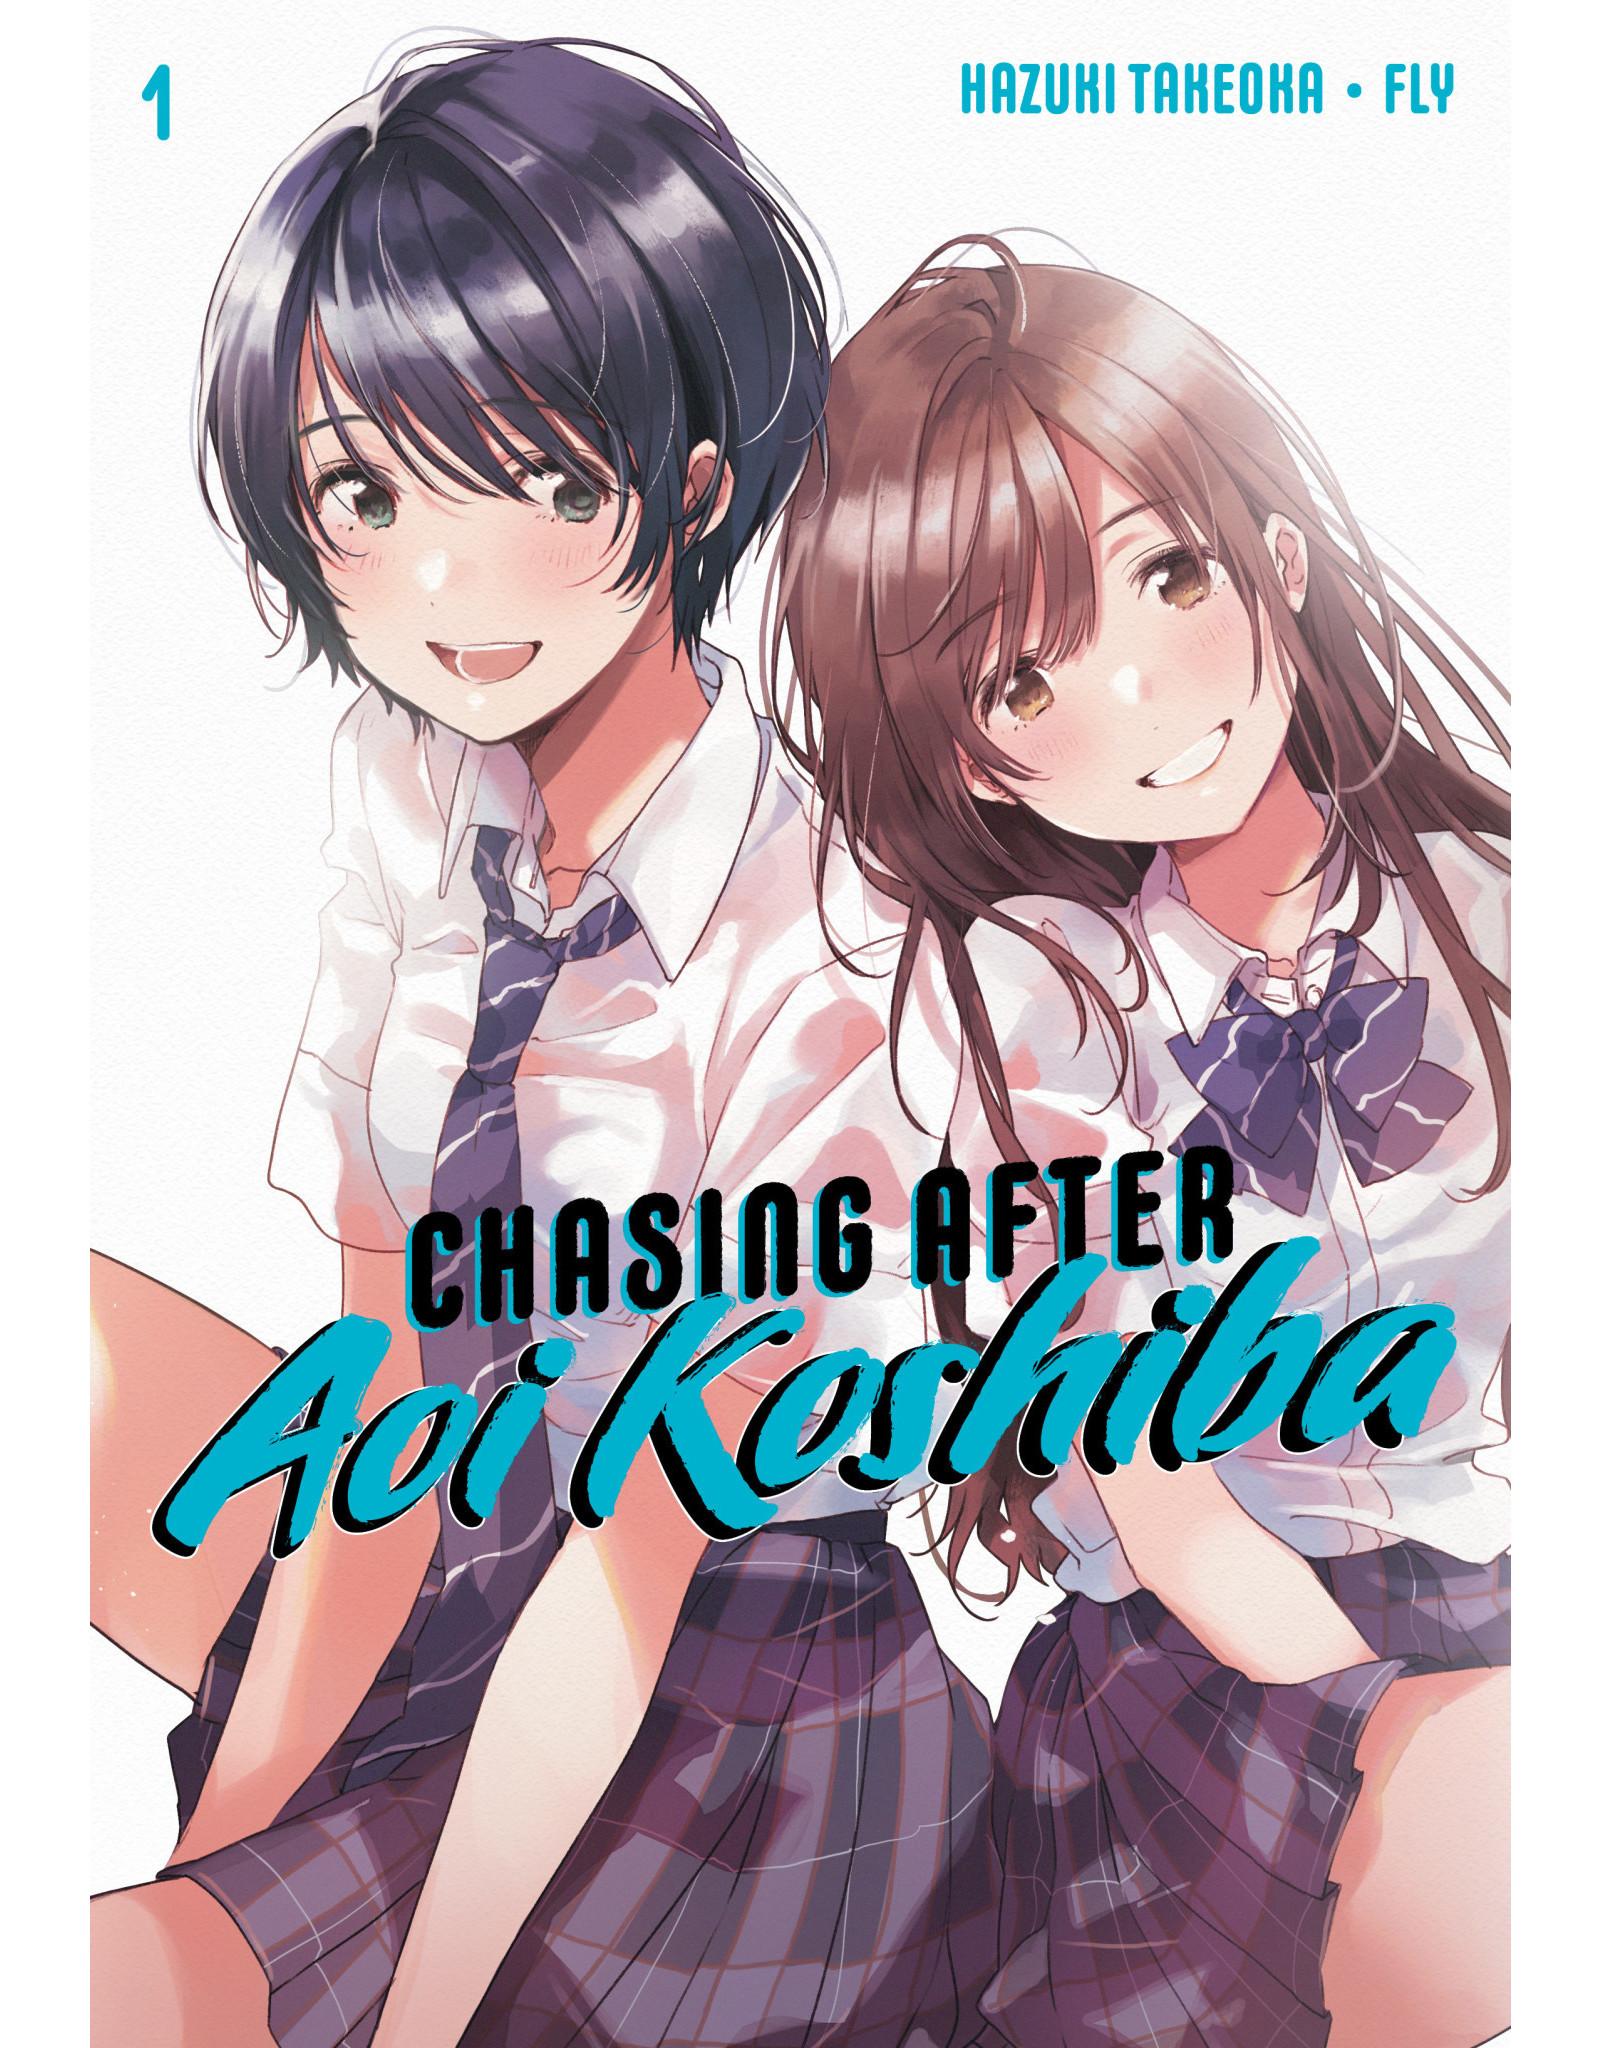 Chasing After Aoi Koshiba 1 (English) - Manga